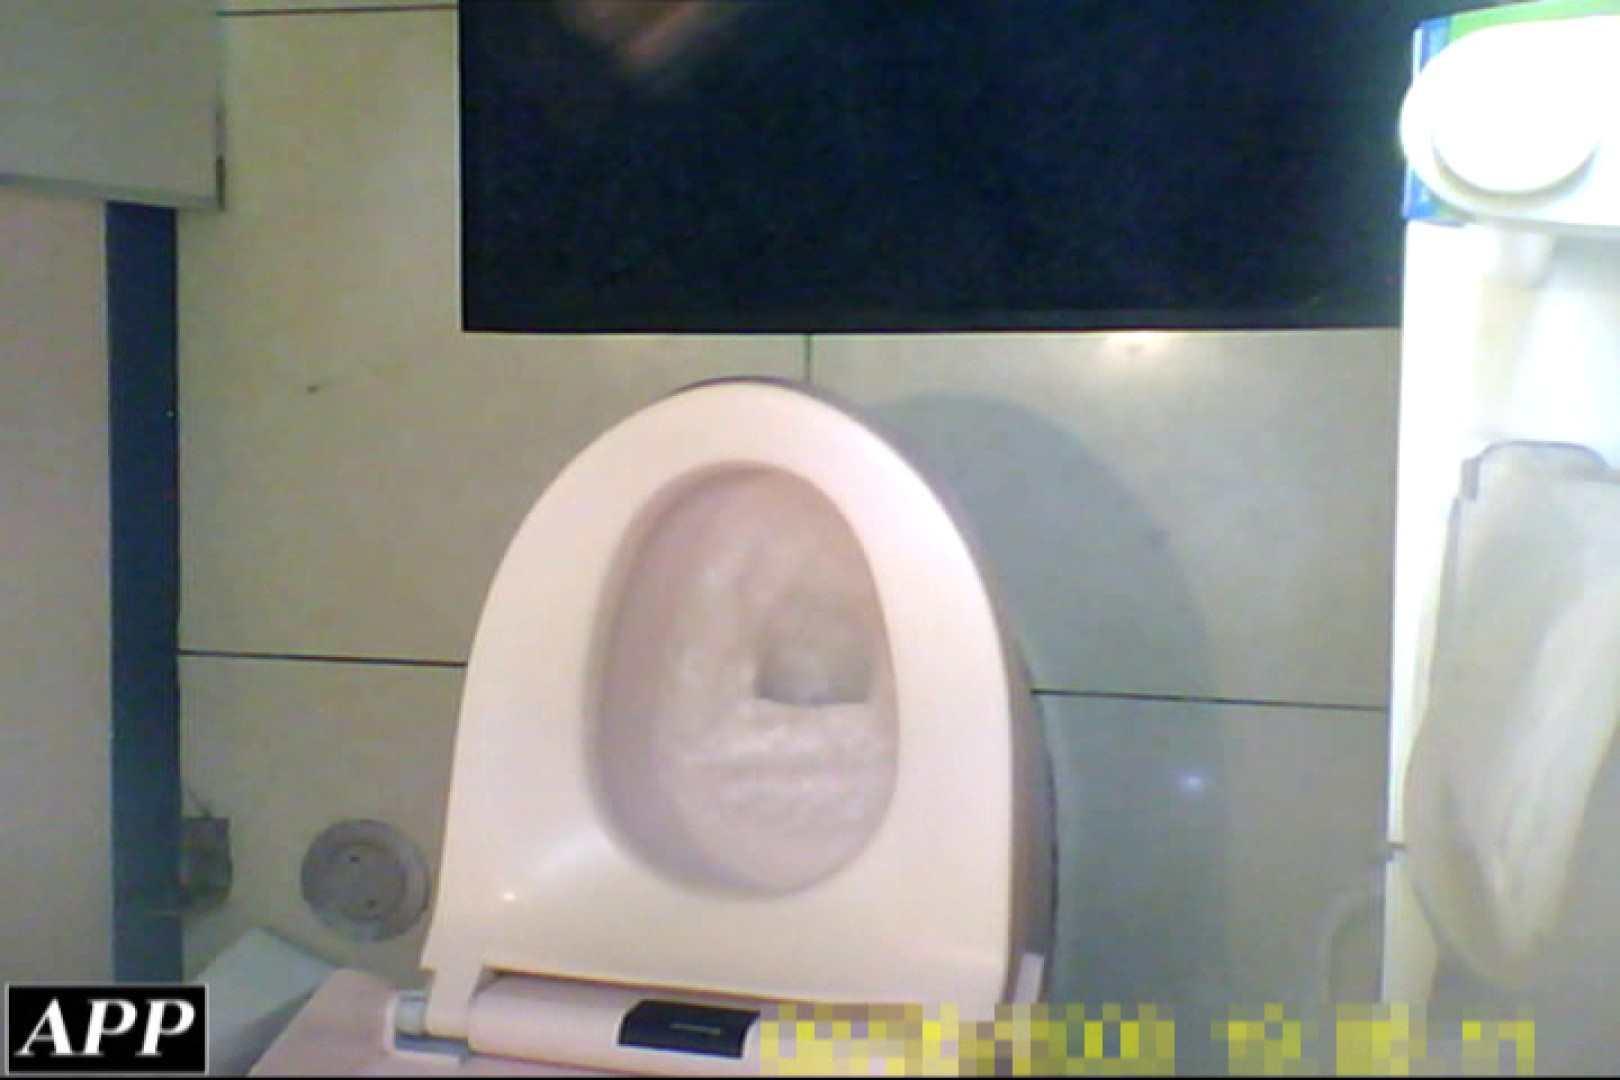 3視点洗面所 vol.004 OLエロ画像 | 洗面所  107PICs 73